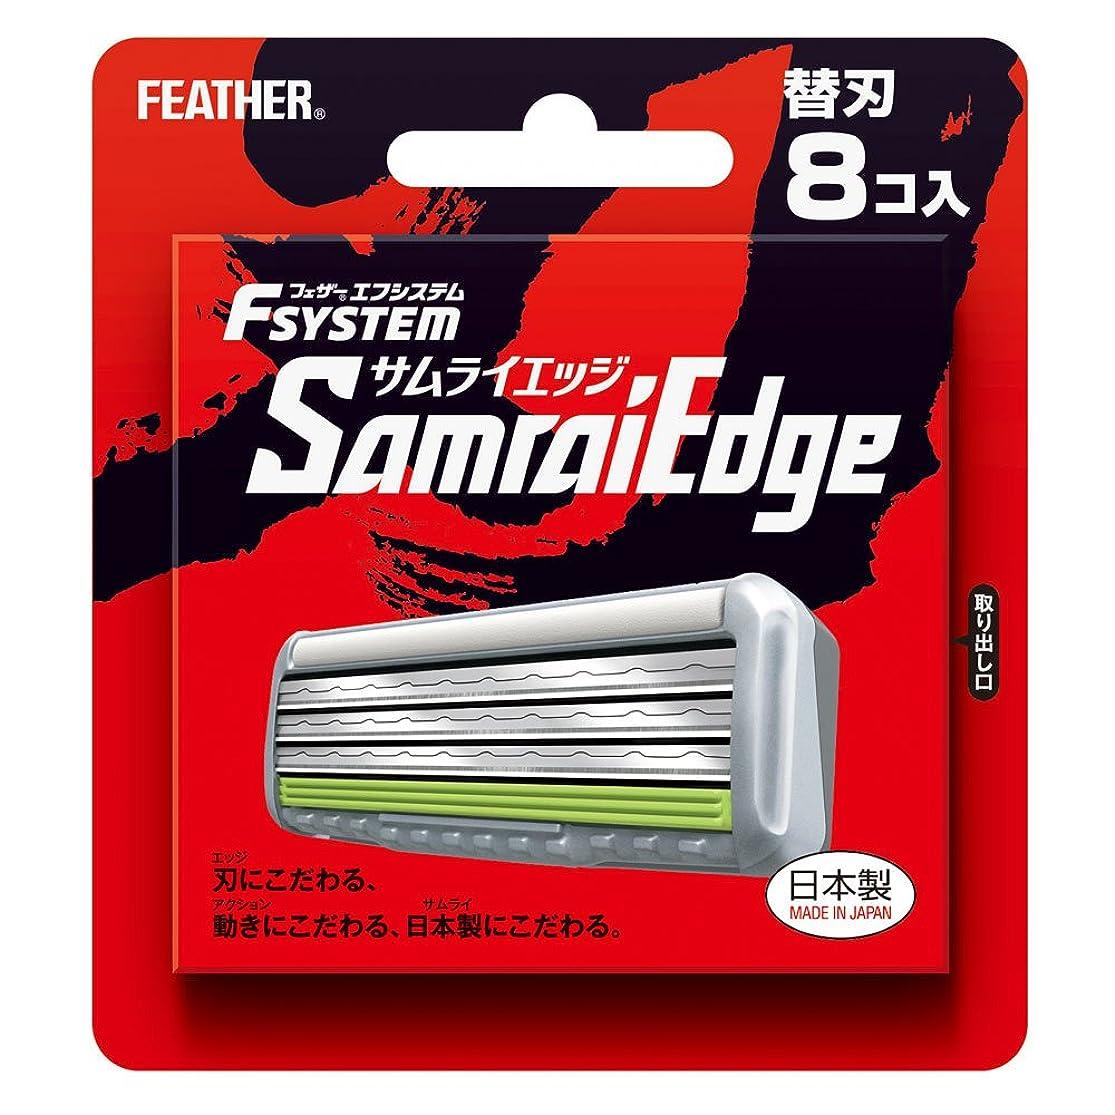 報酬恐怖小麦粉フェザー エフシステム 替刃 サムライエッジ 8コ入 (日本製)